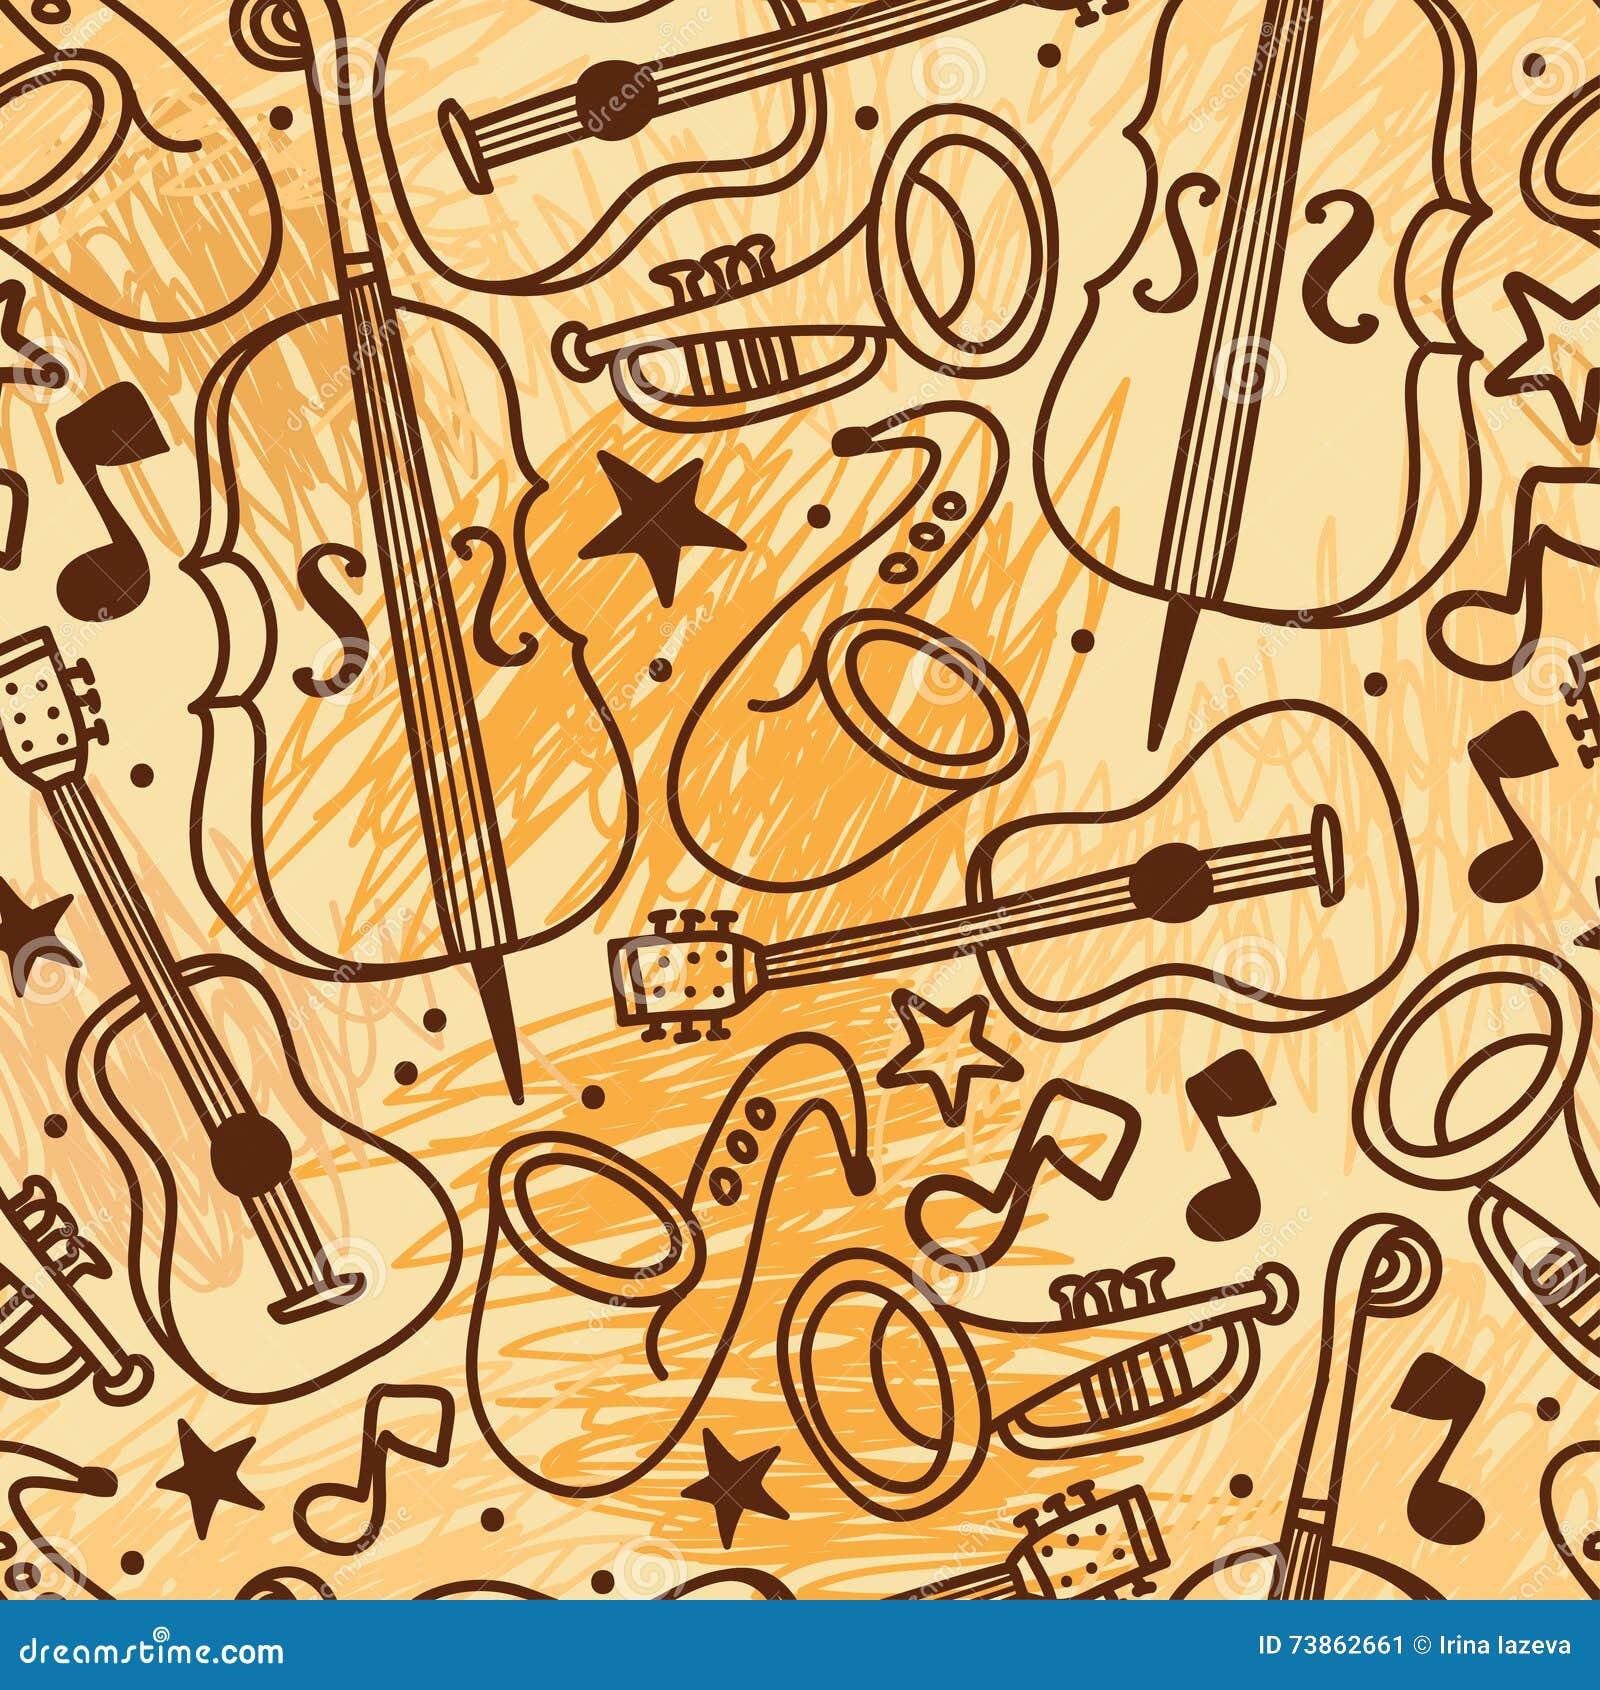 wallpaper musical instruments 3d